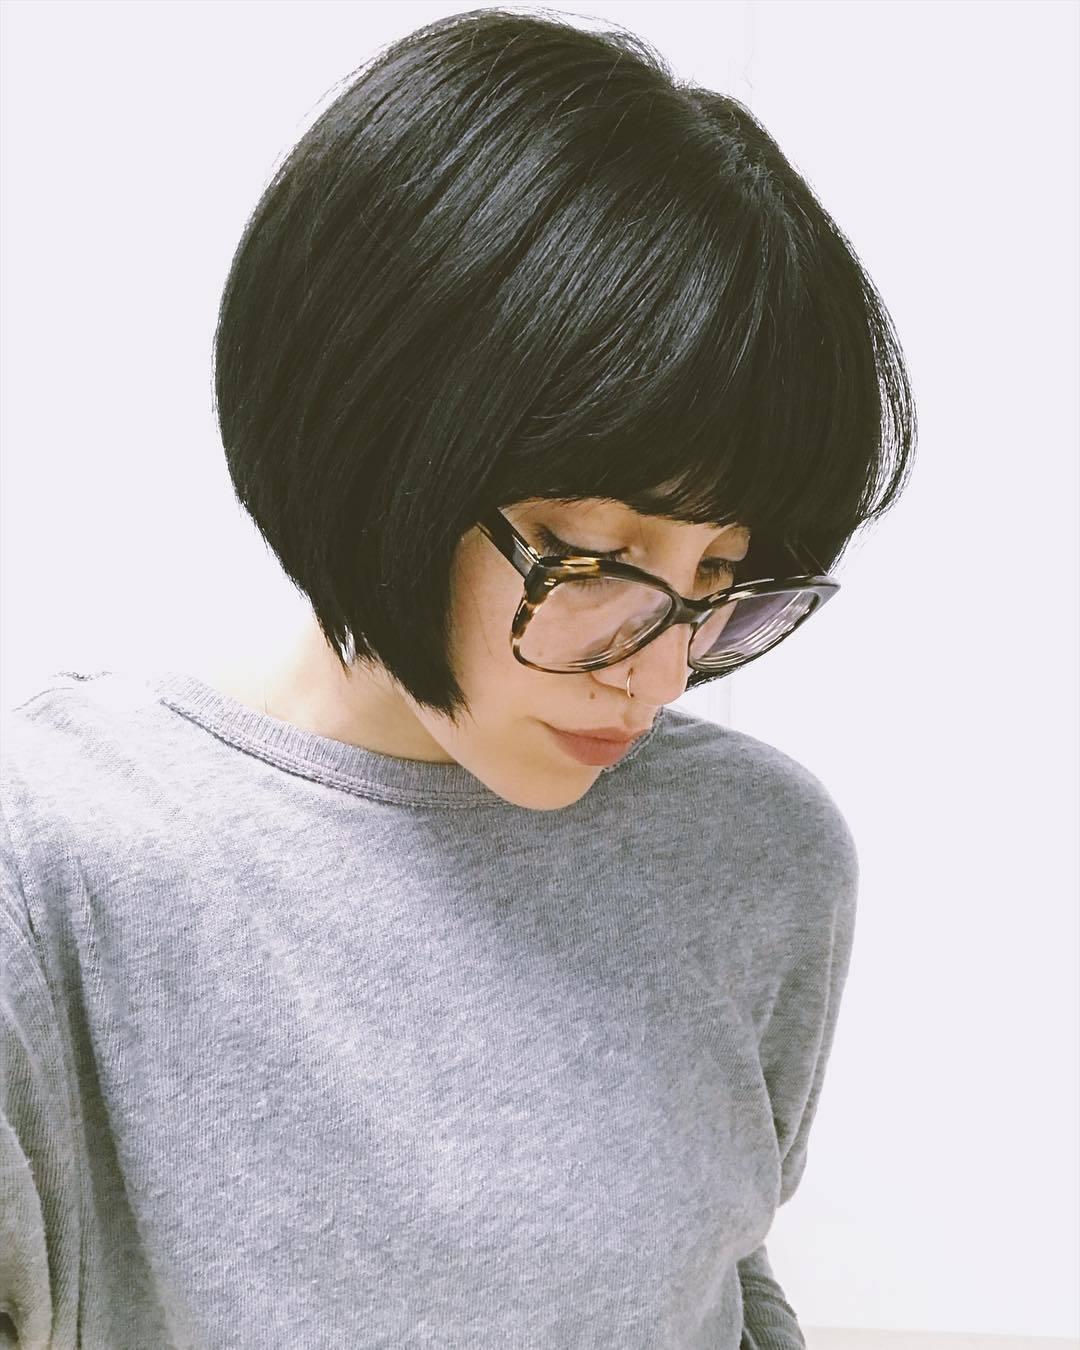 Femme avec un bob marron foncé super court et arrondi avec une frange épaisse